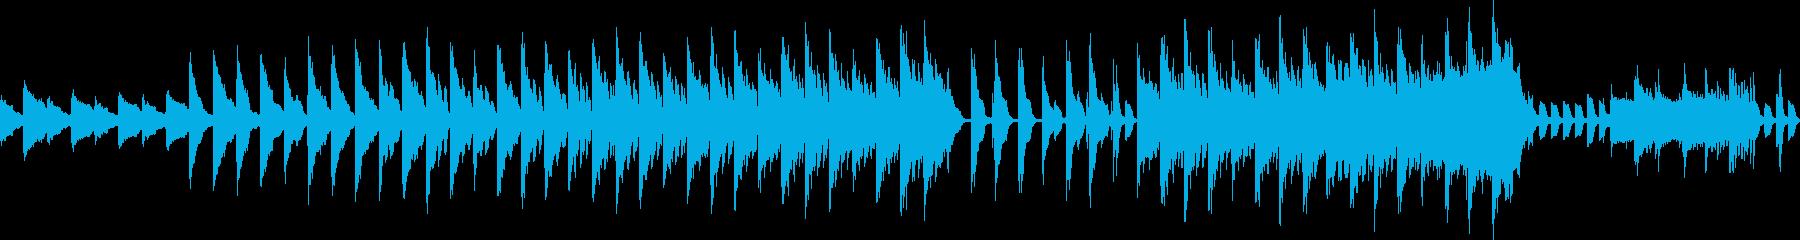 シネマティック サスペンス 繰り返...の再生済みの波形